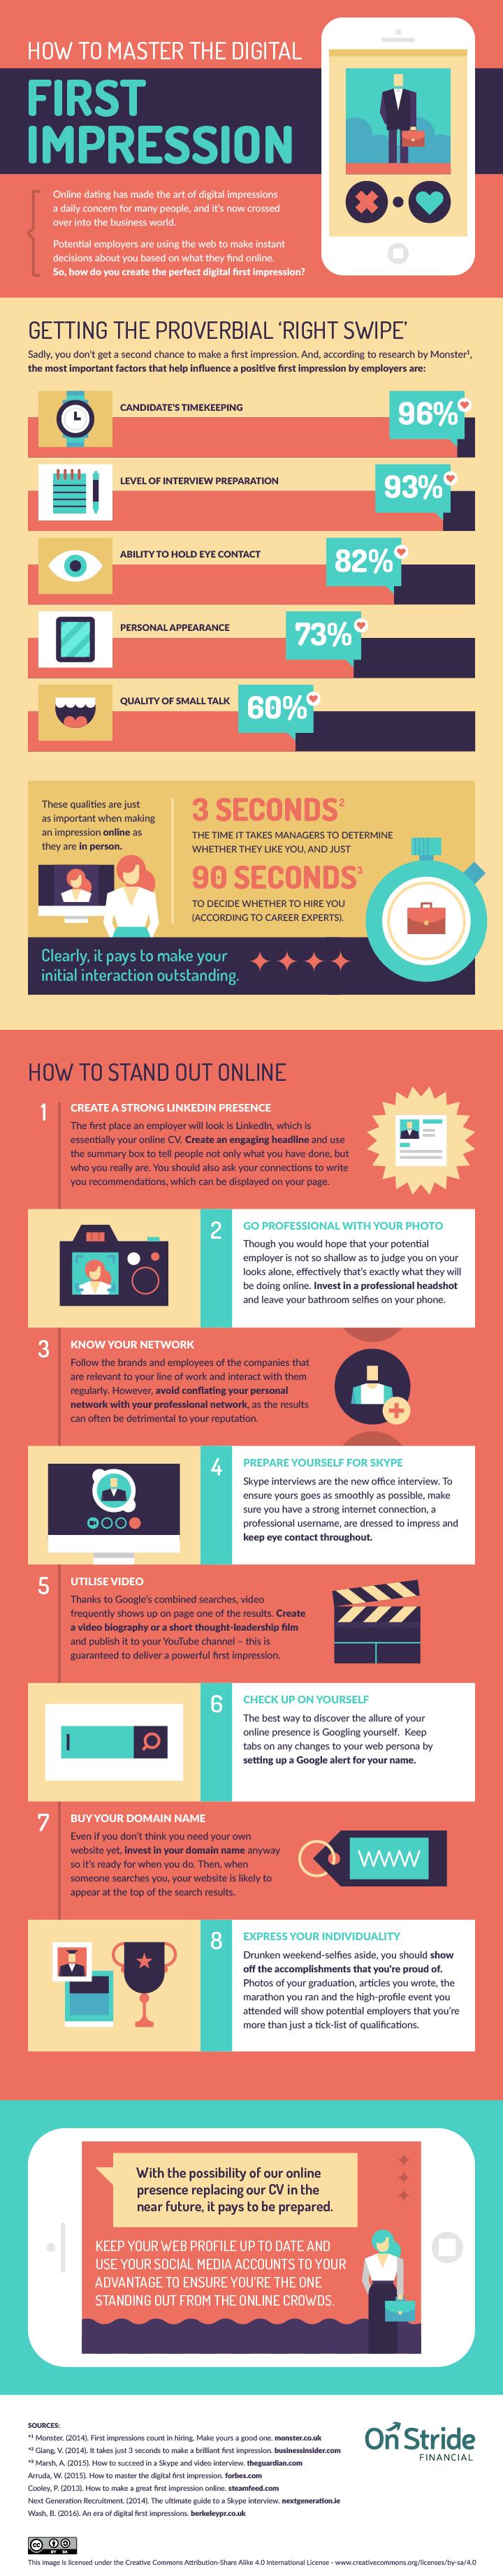 Online Marketing Bachelor's Degree